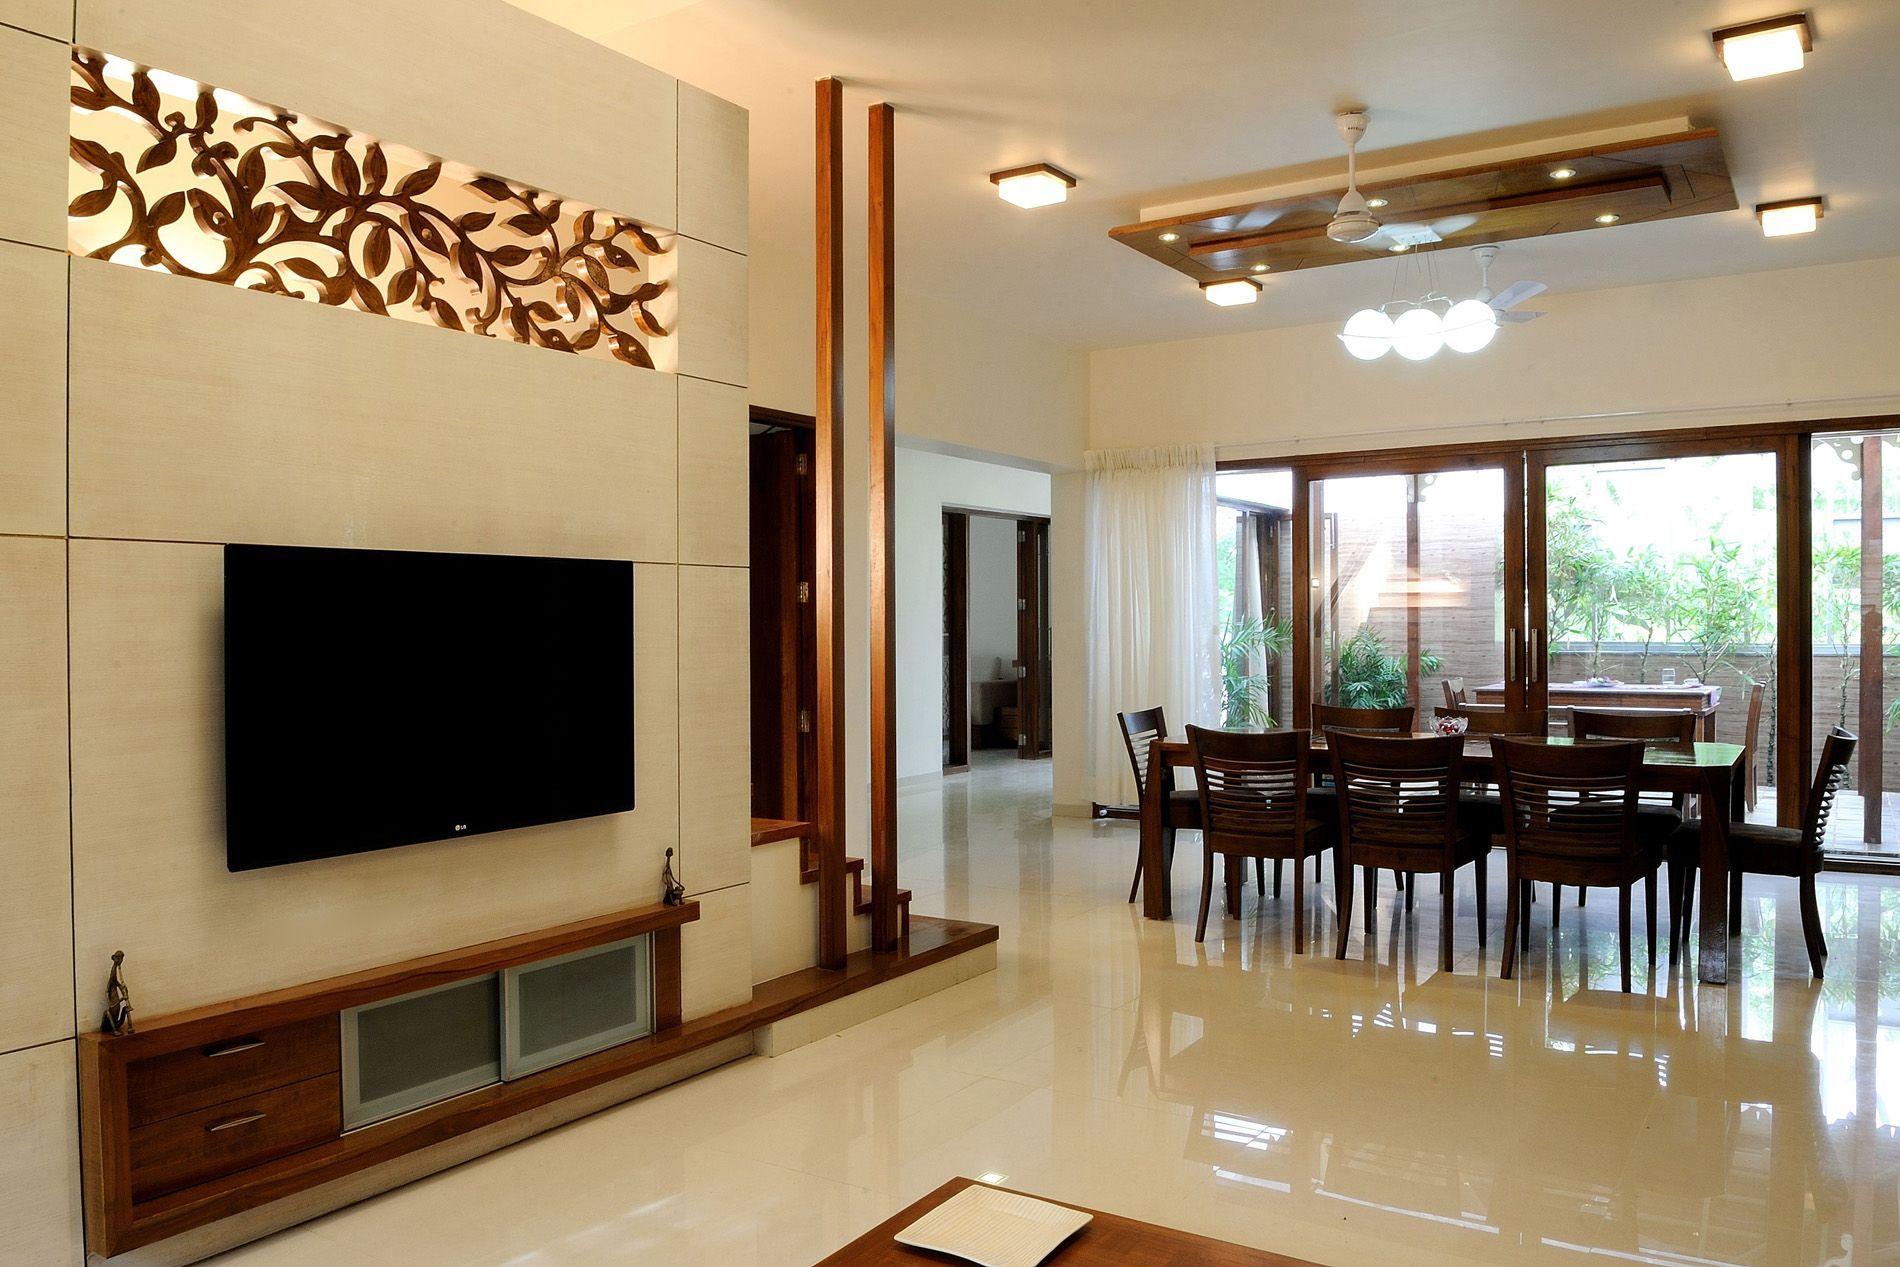 Home-office-design-ideen  marvelous diy ideas false ceiling ideas paint colors false